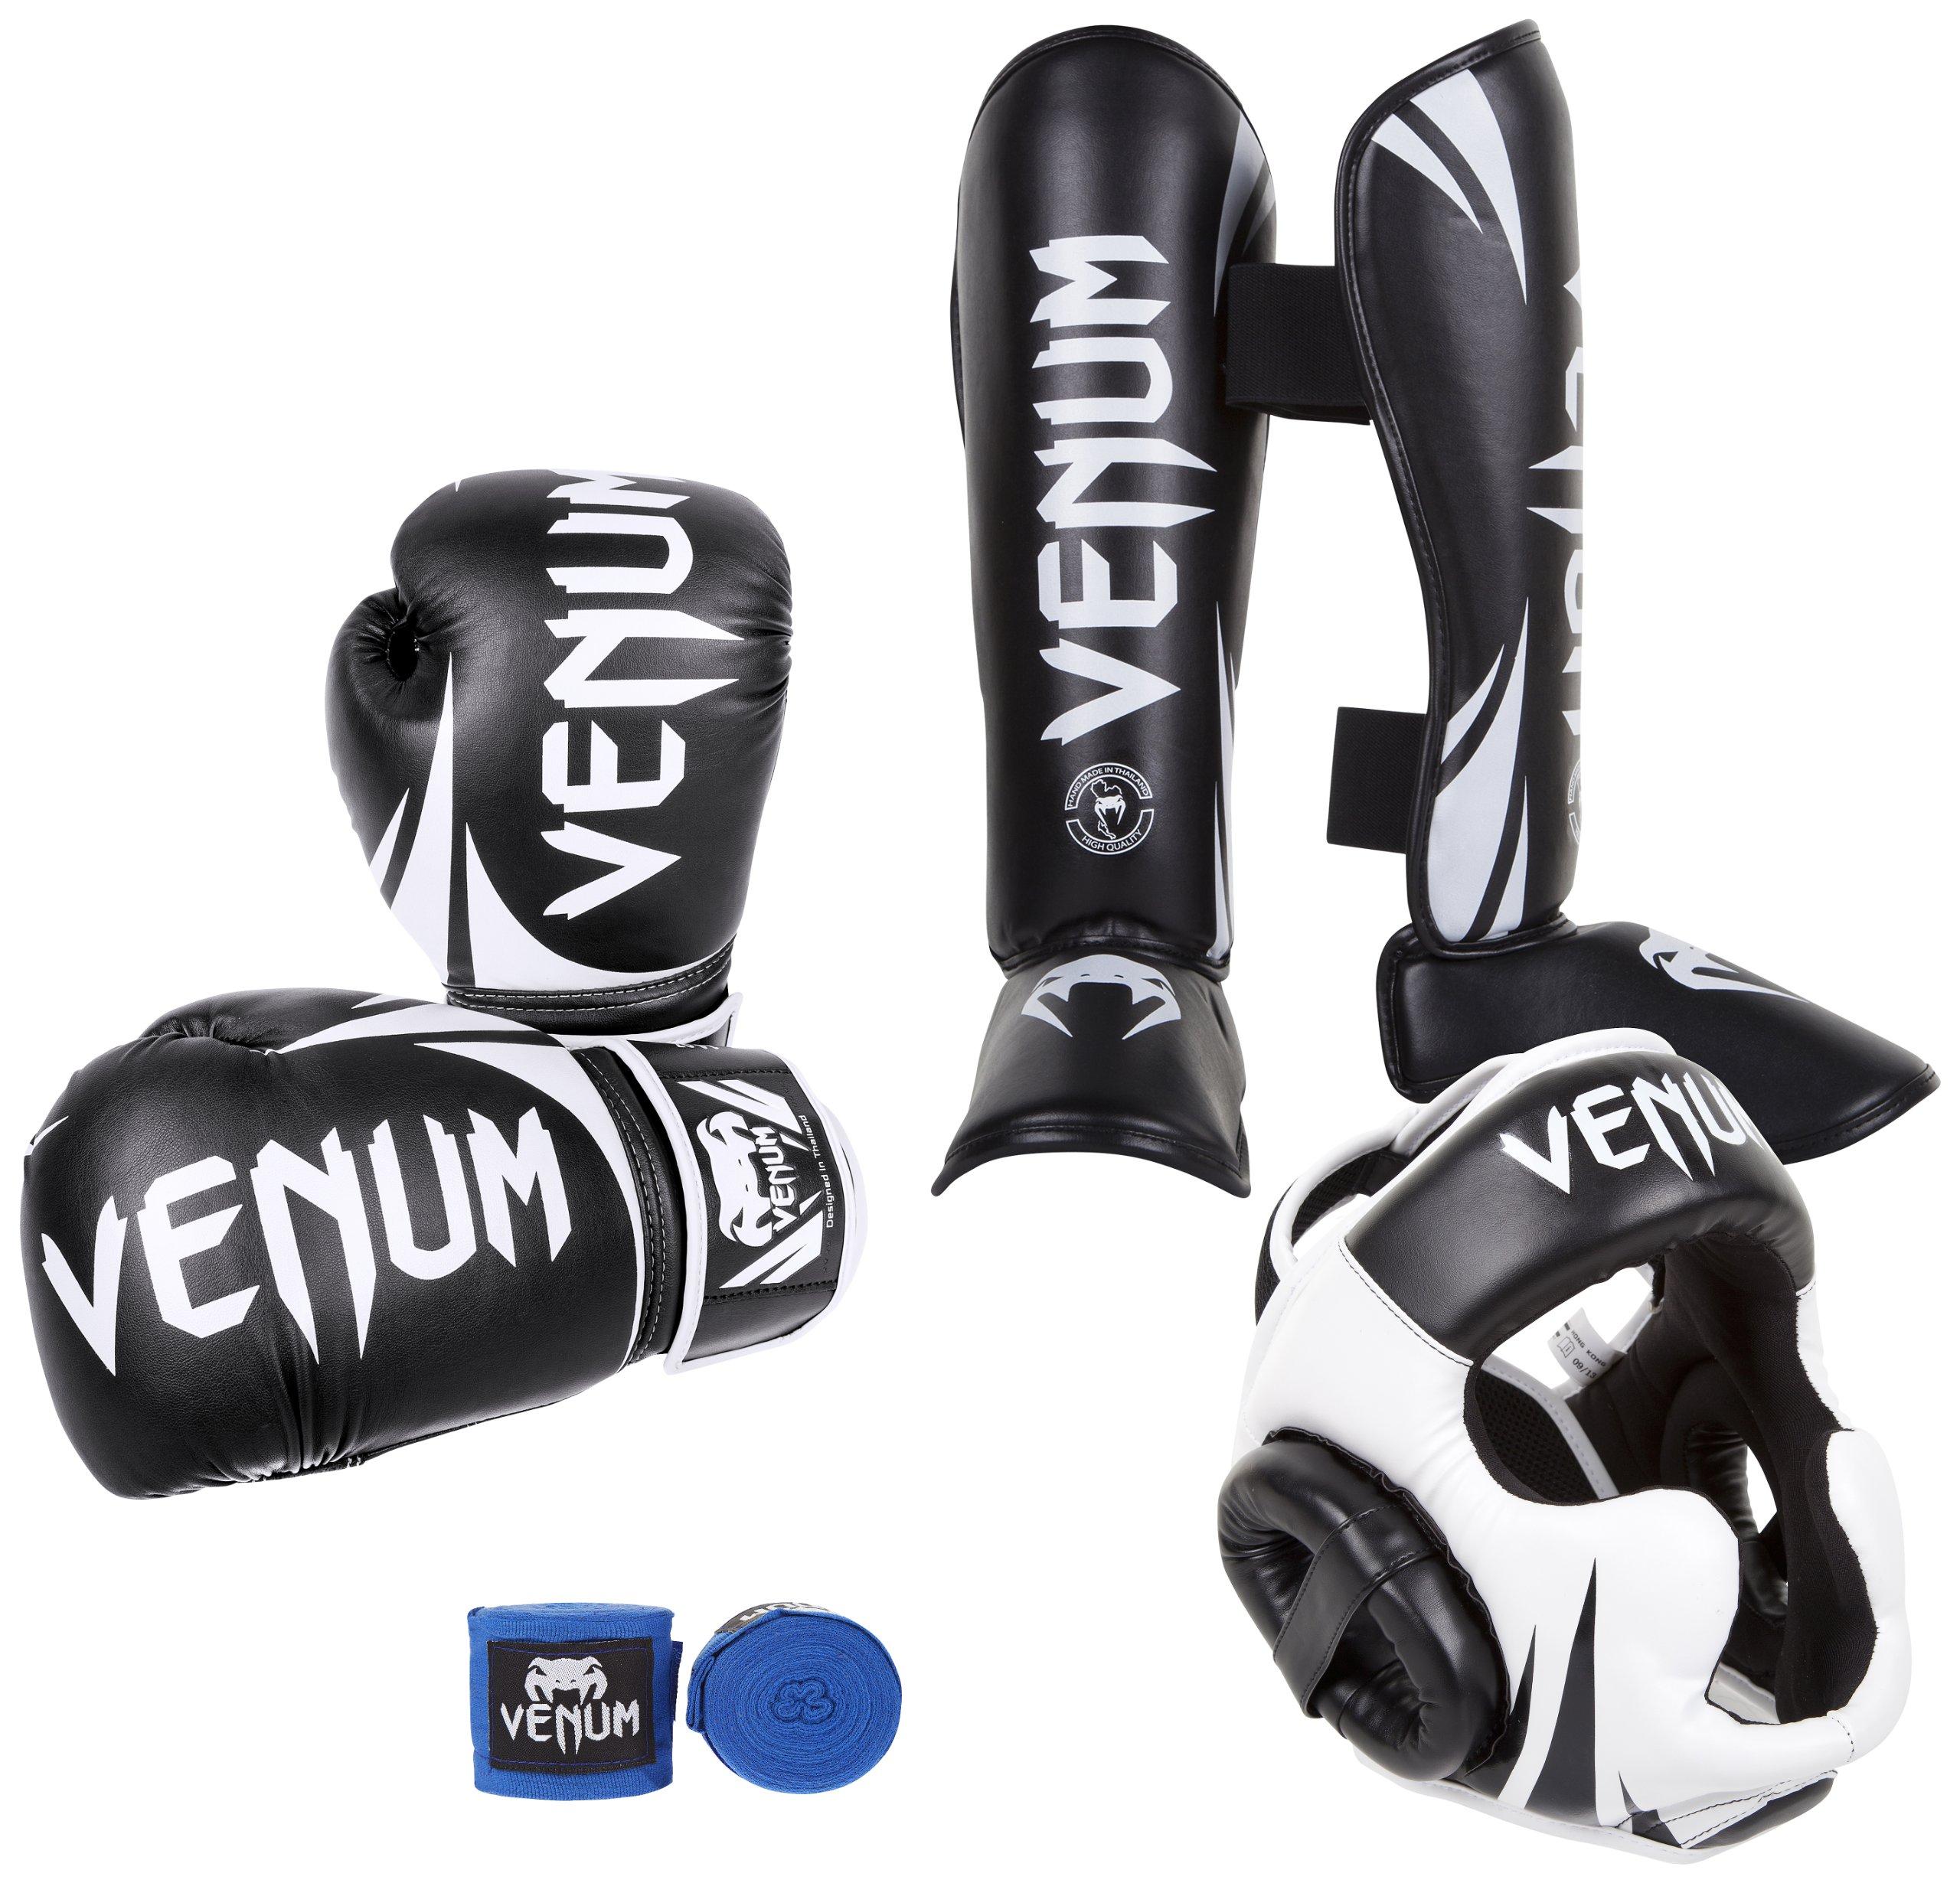 Venum Challenger 2.0 Standup Bundle, Black Gloves, Black Shinguards, Black/White Headgear, Blue Handwraps, 10-Ounces Gloves, X-Large Shinguards, Headgear One Size, Handwraps 4M by Venum